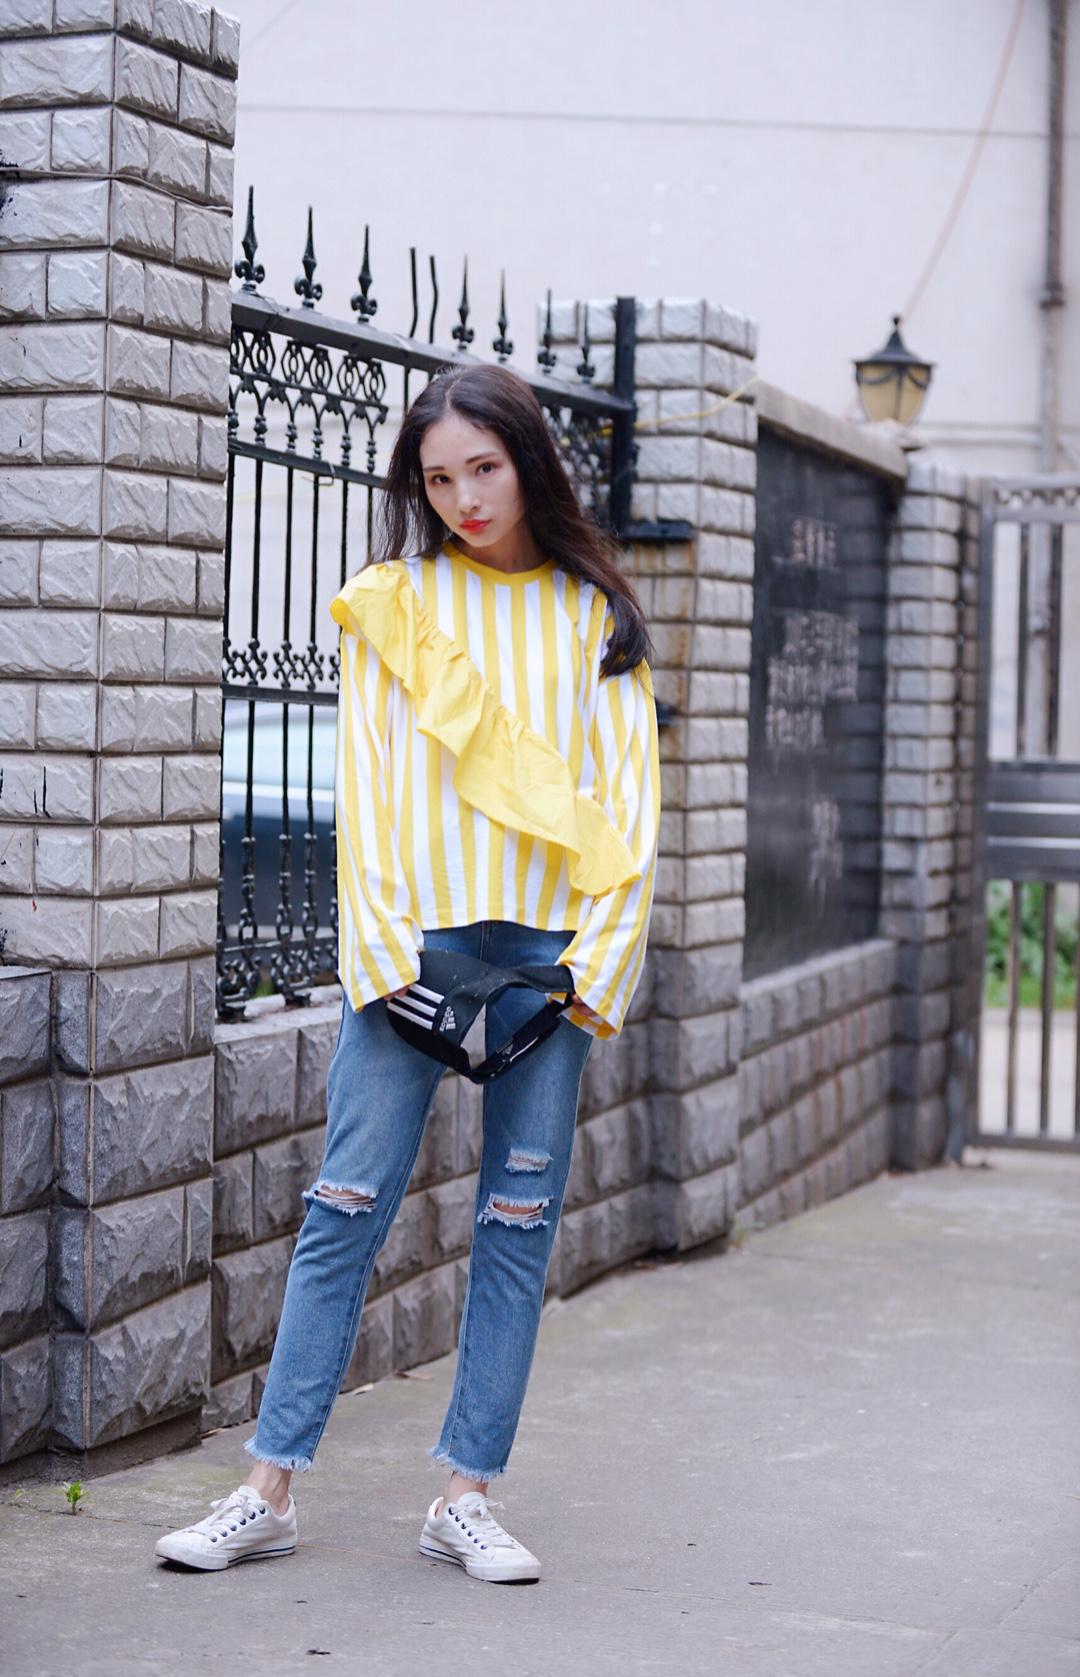 #2019春夏刷屏色·鹅黄色# 鹅黄色长袖不规则上衣让你在人群中脱颖而出 搭配不要觉得很累赘哦, 荷叶边的设计,这样效果就不会太过厚重了, 鹅黄色显嫩又显得清爽十足, 下身搭配一条破洞休闲裤, 清新的颜色配搭,鹅黄色低调又先魅力, 女生肯定不能放过这样的颜色呀